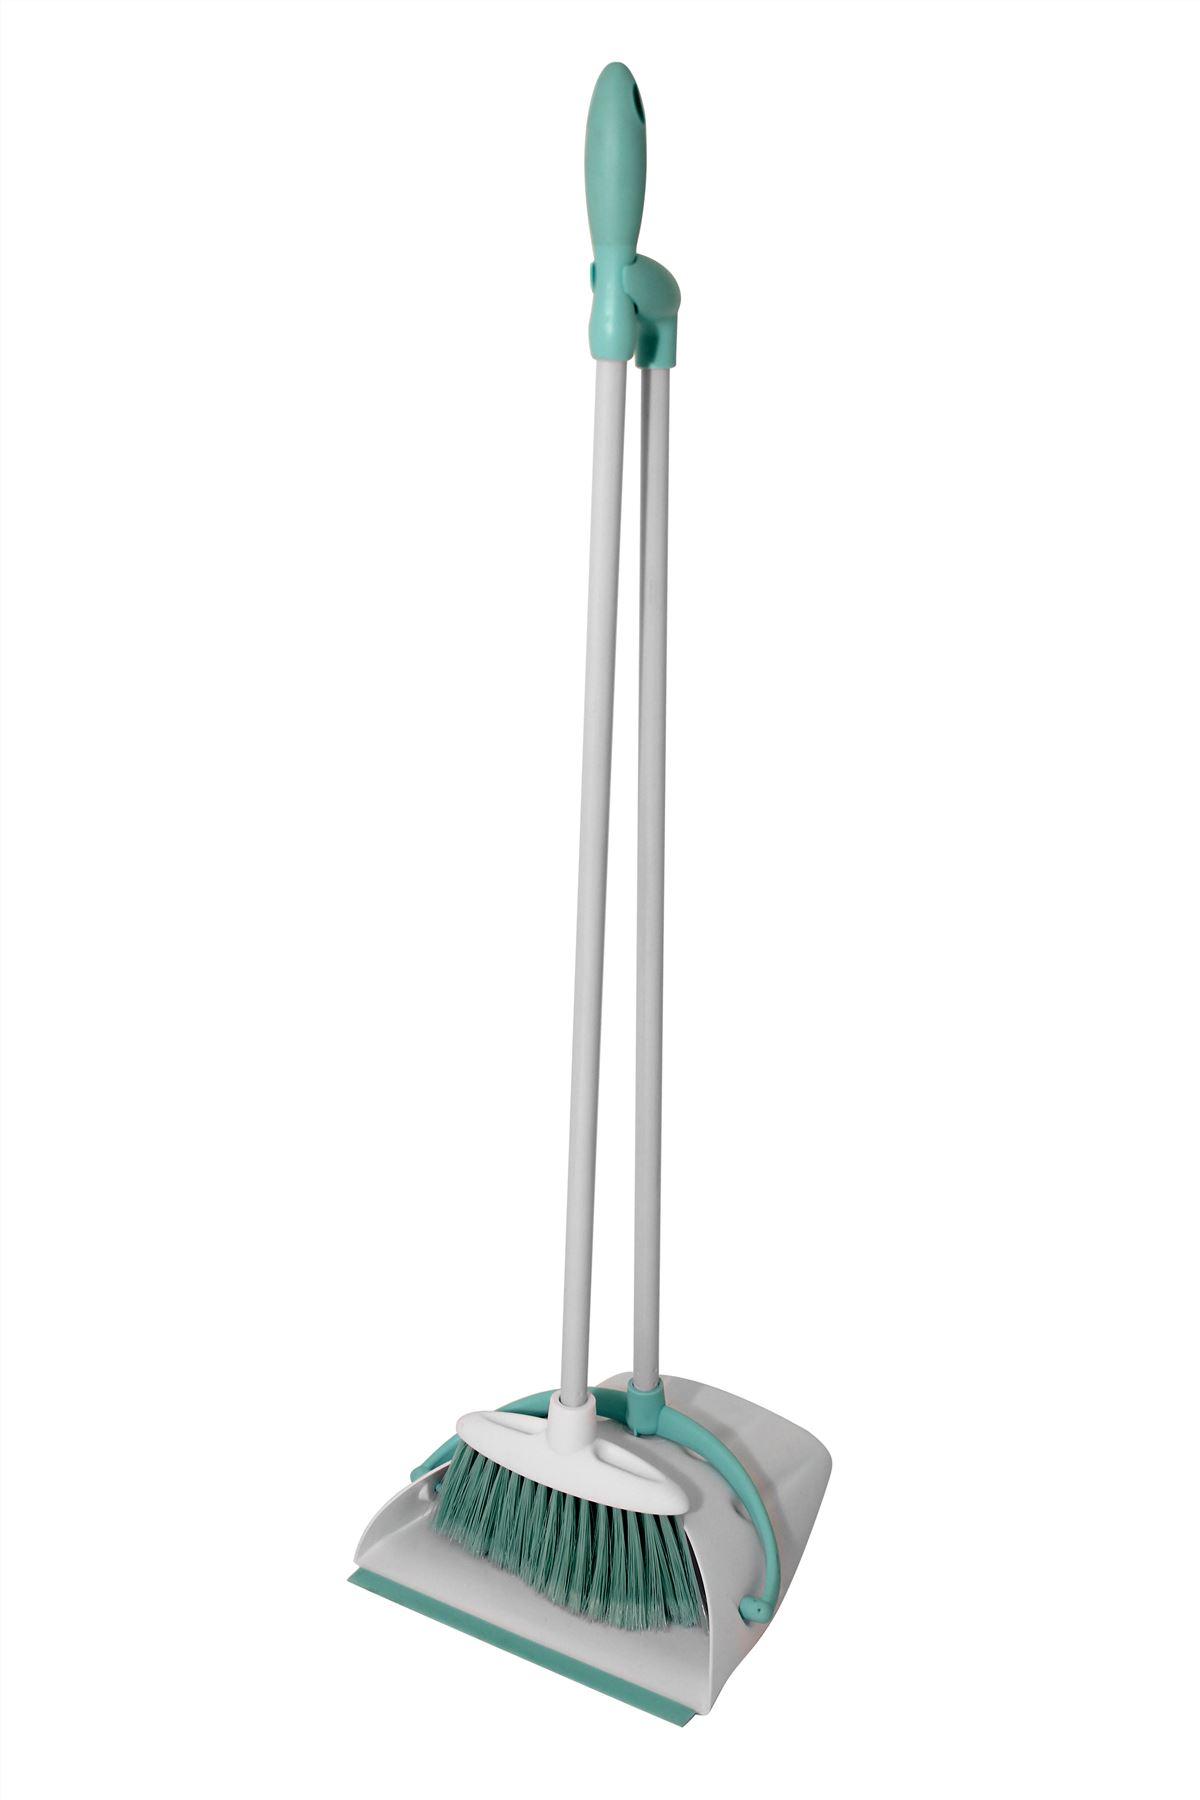 Household Long Handled Dustpan And Brush Set Lobby Dust